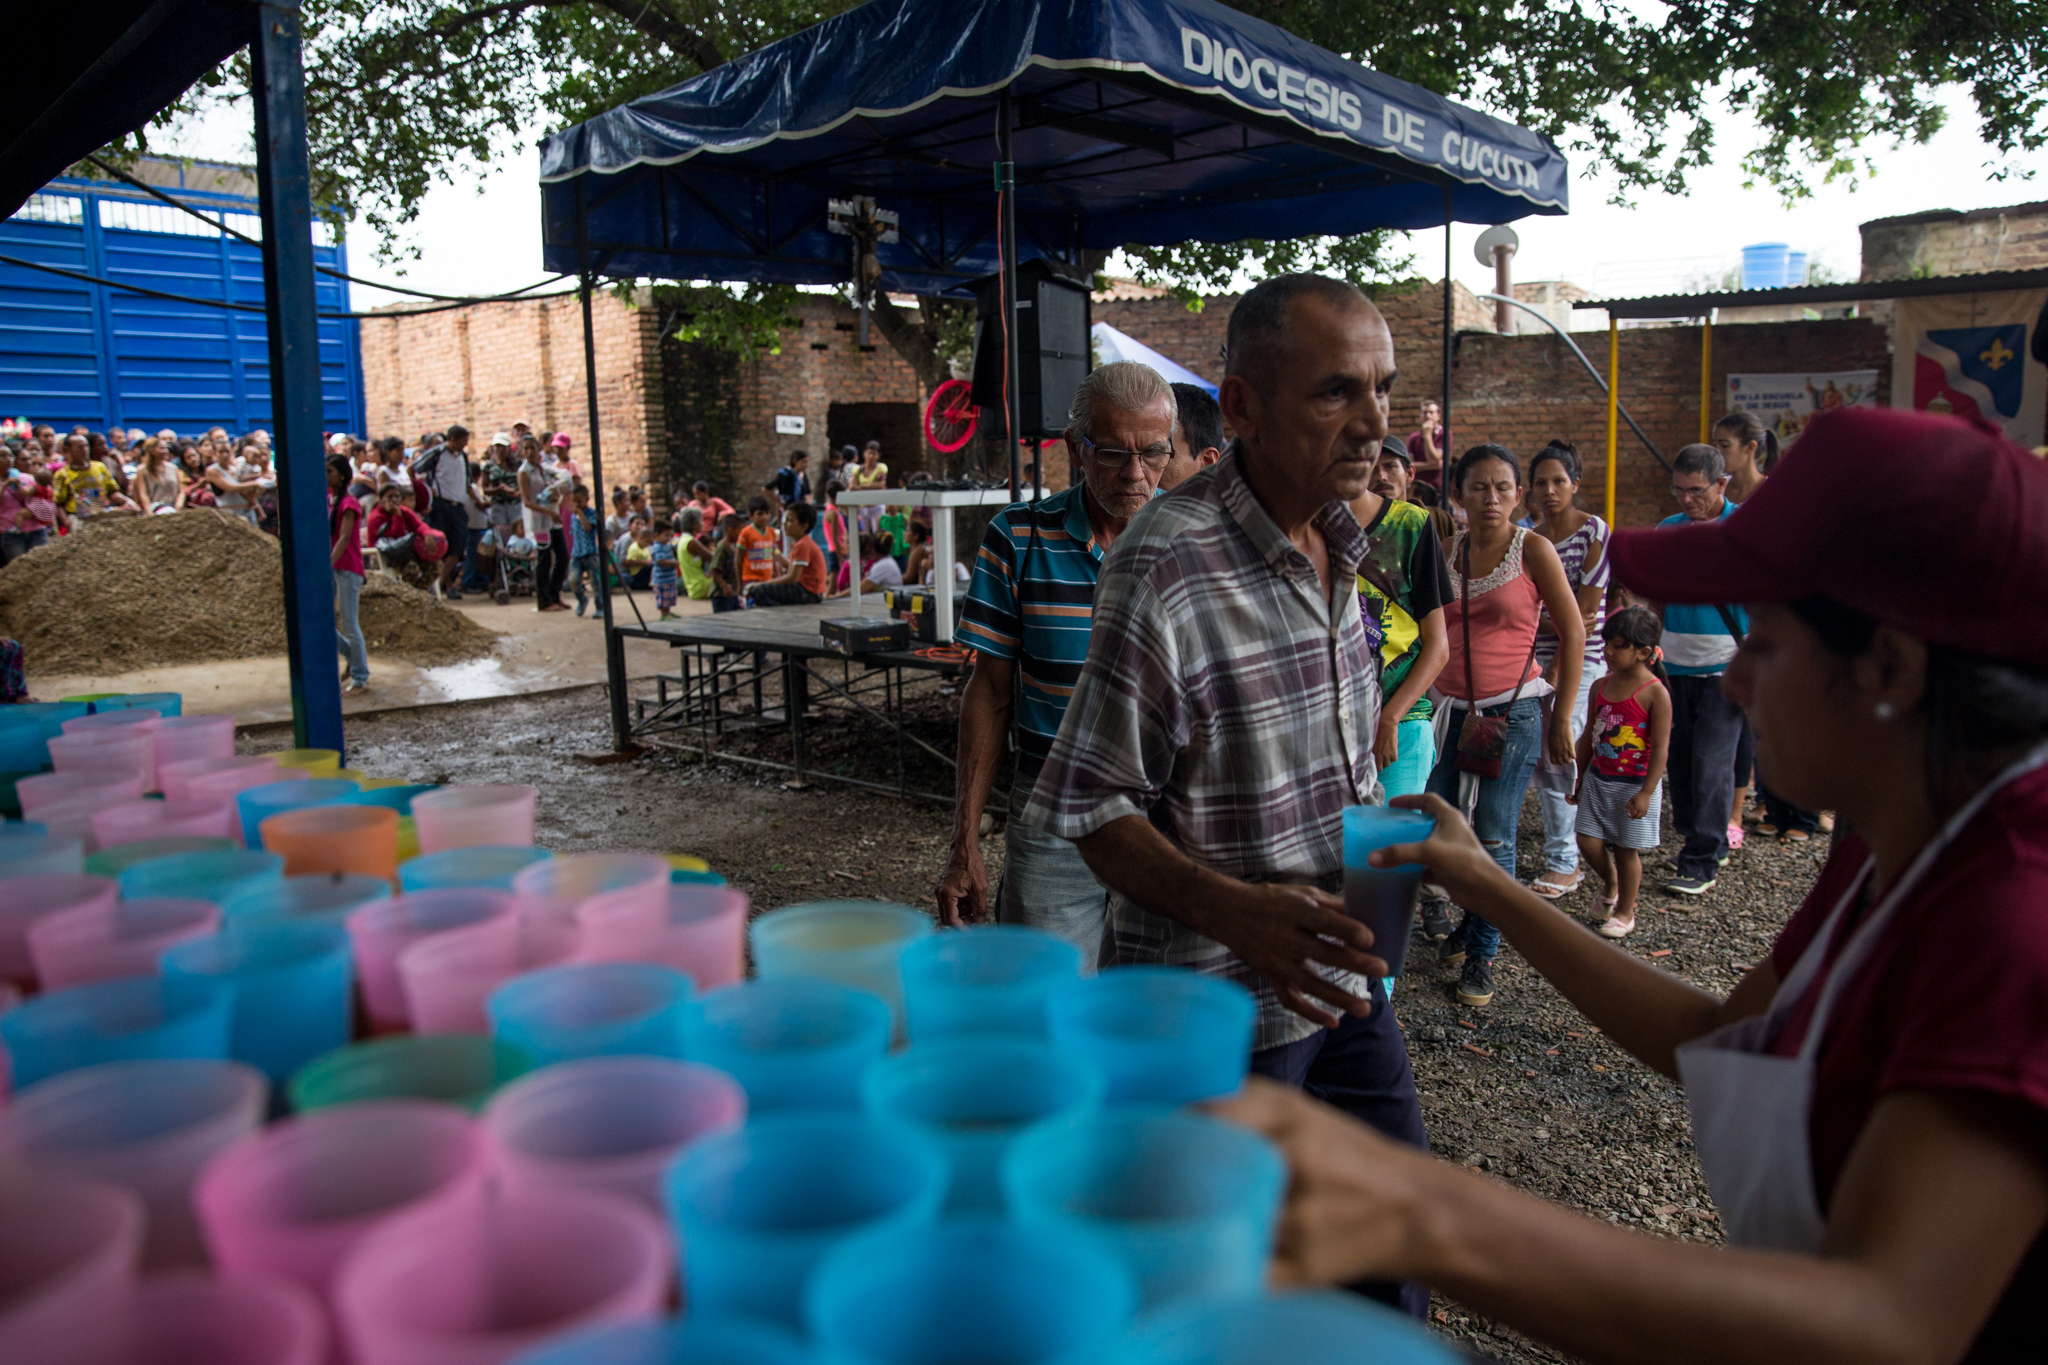 2018-04-04_Cucuta_Venezuela_Aid_WFP_Pu.Ying.Huang293.jpg